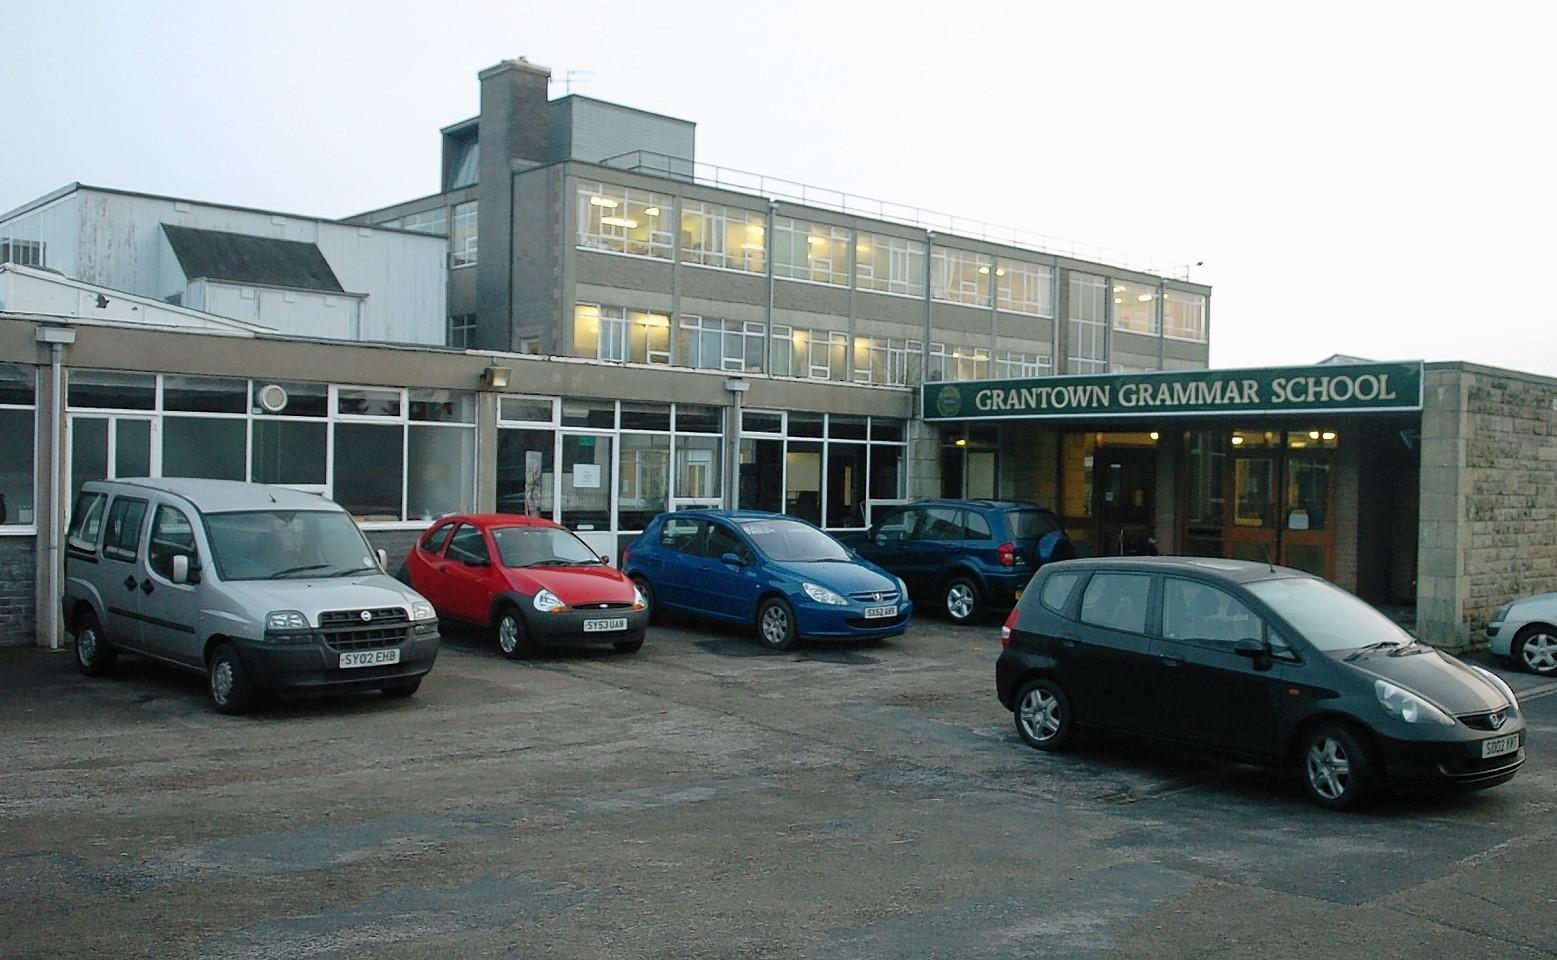 Grantown Grammar School